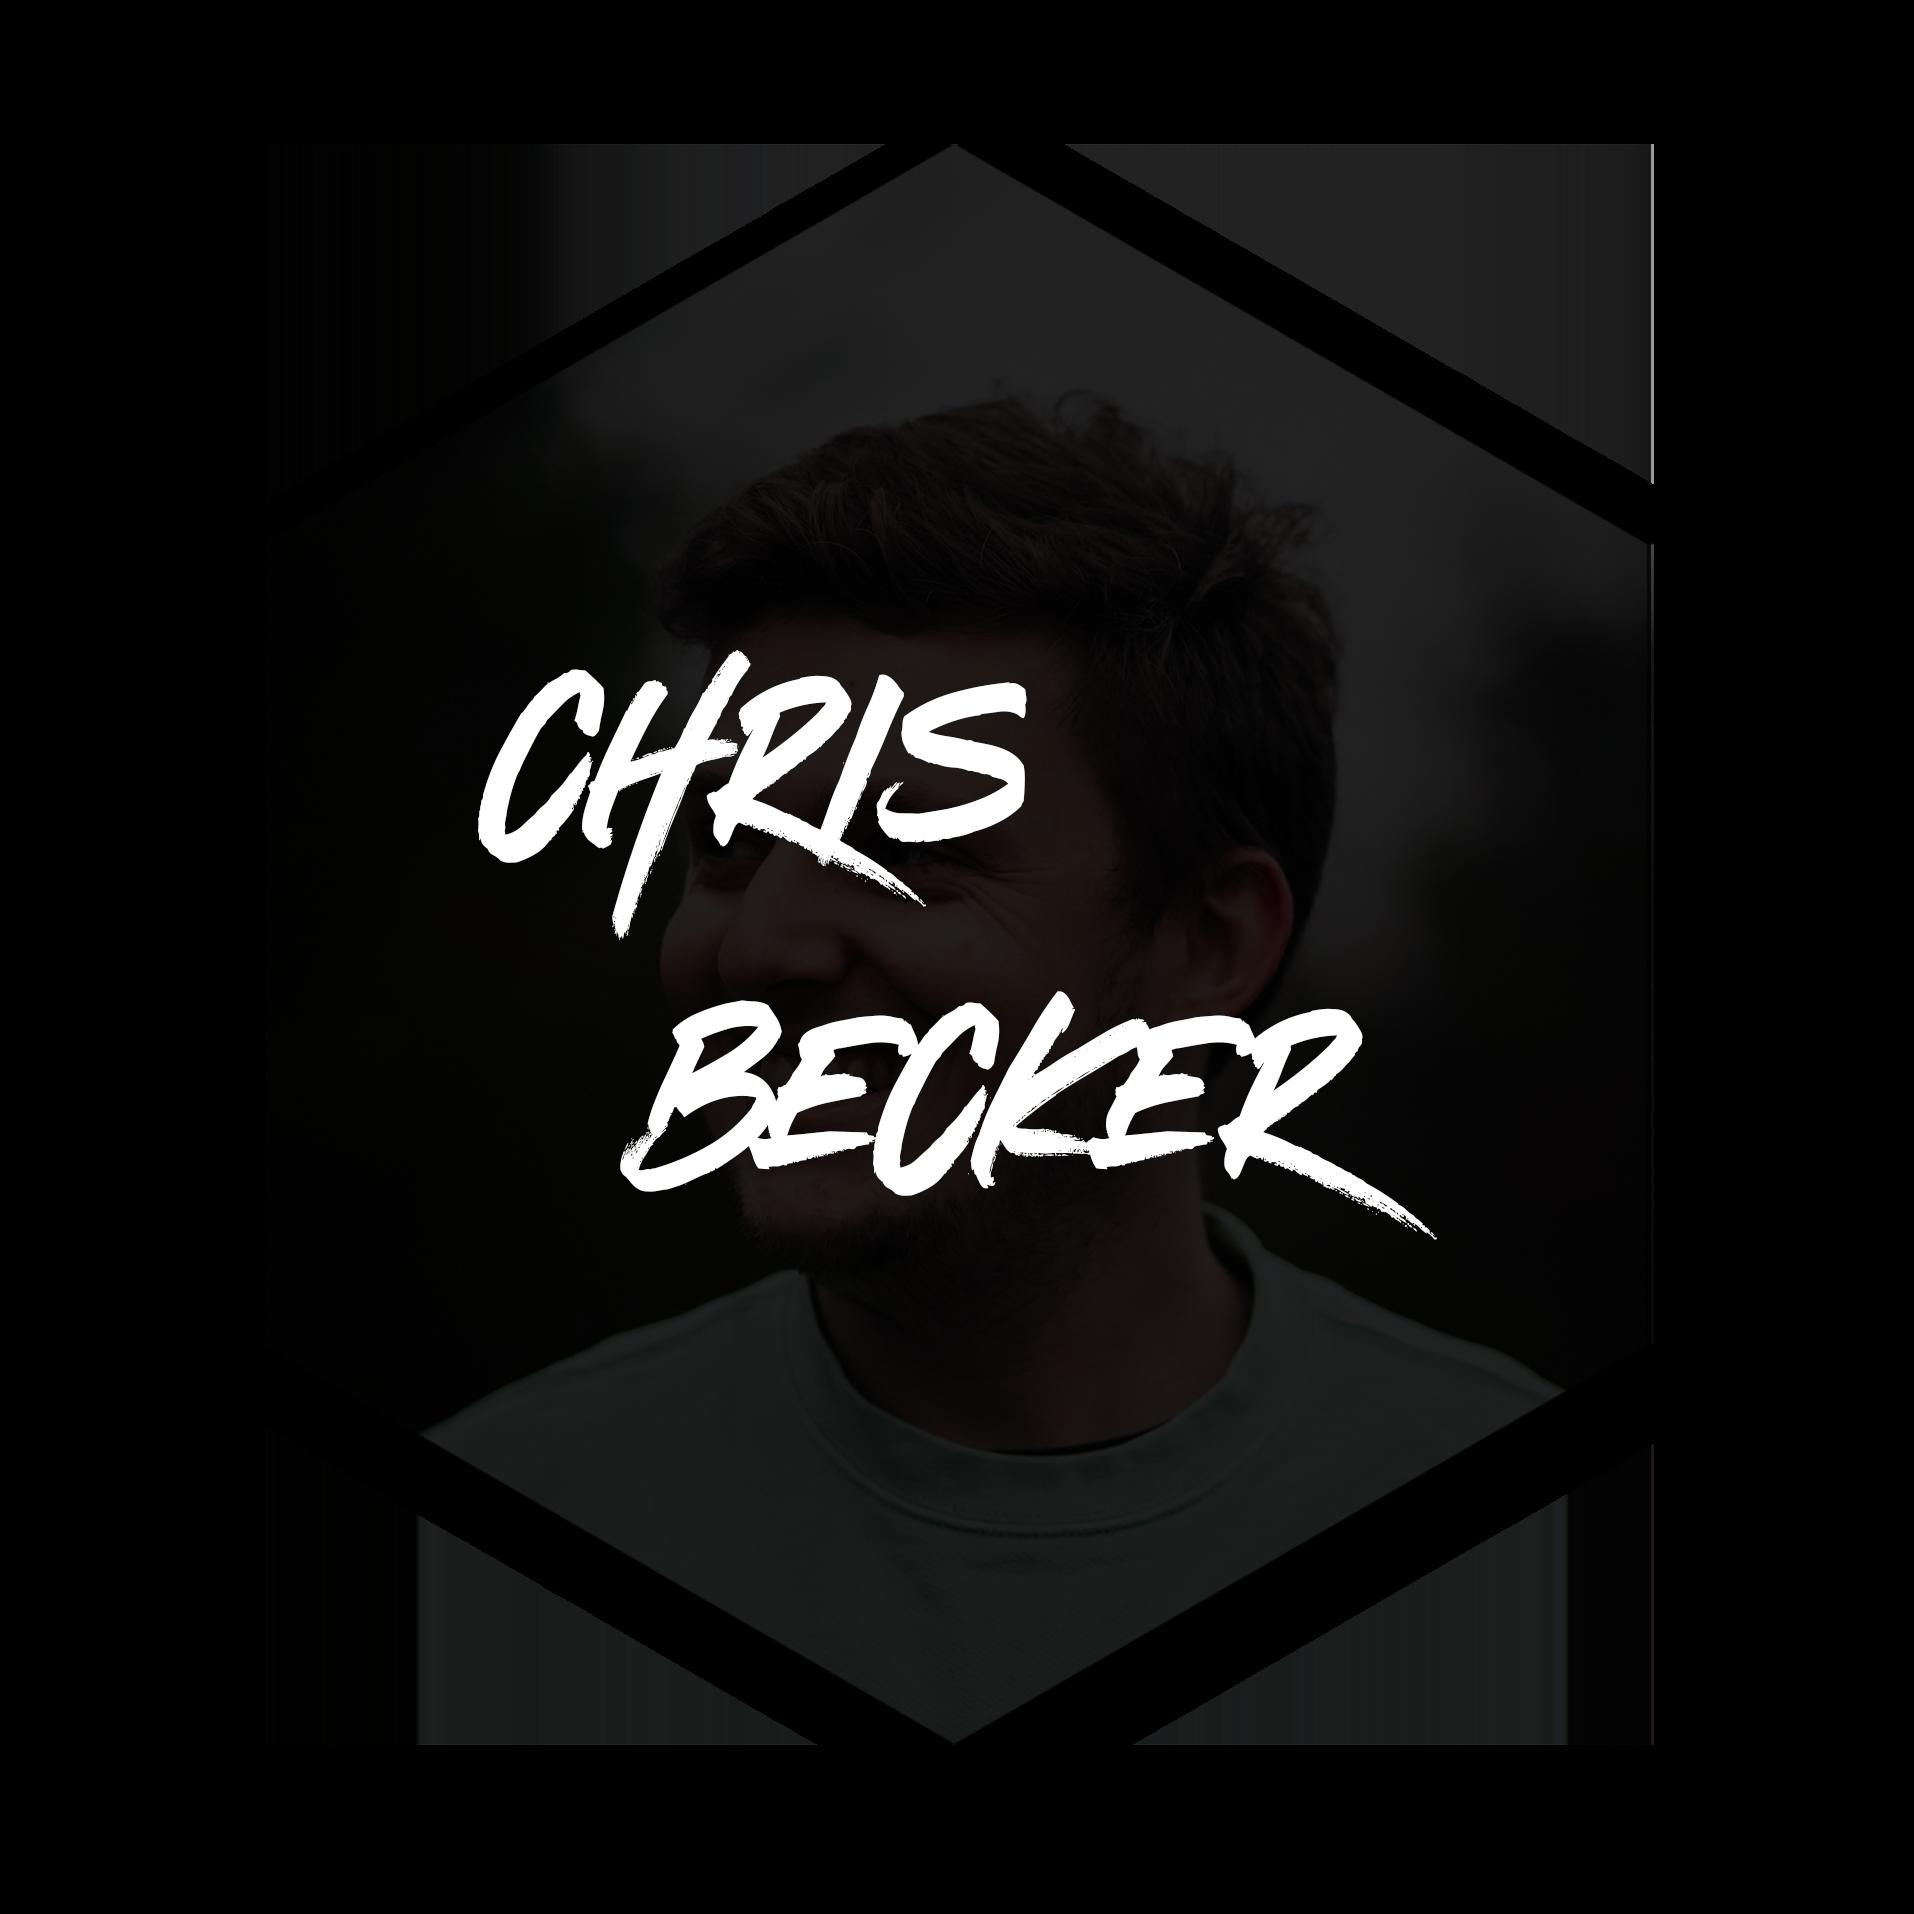 Chris Becker